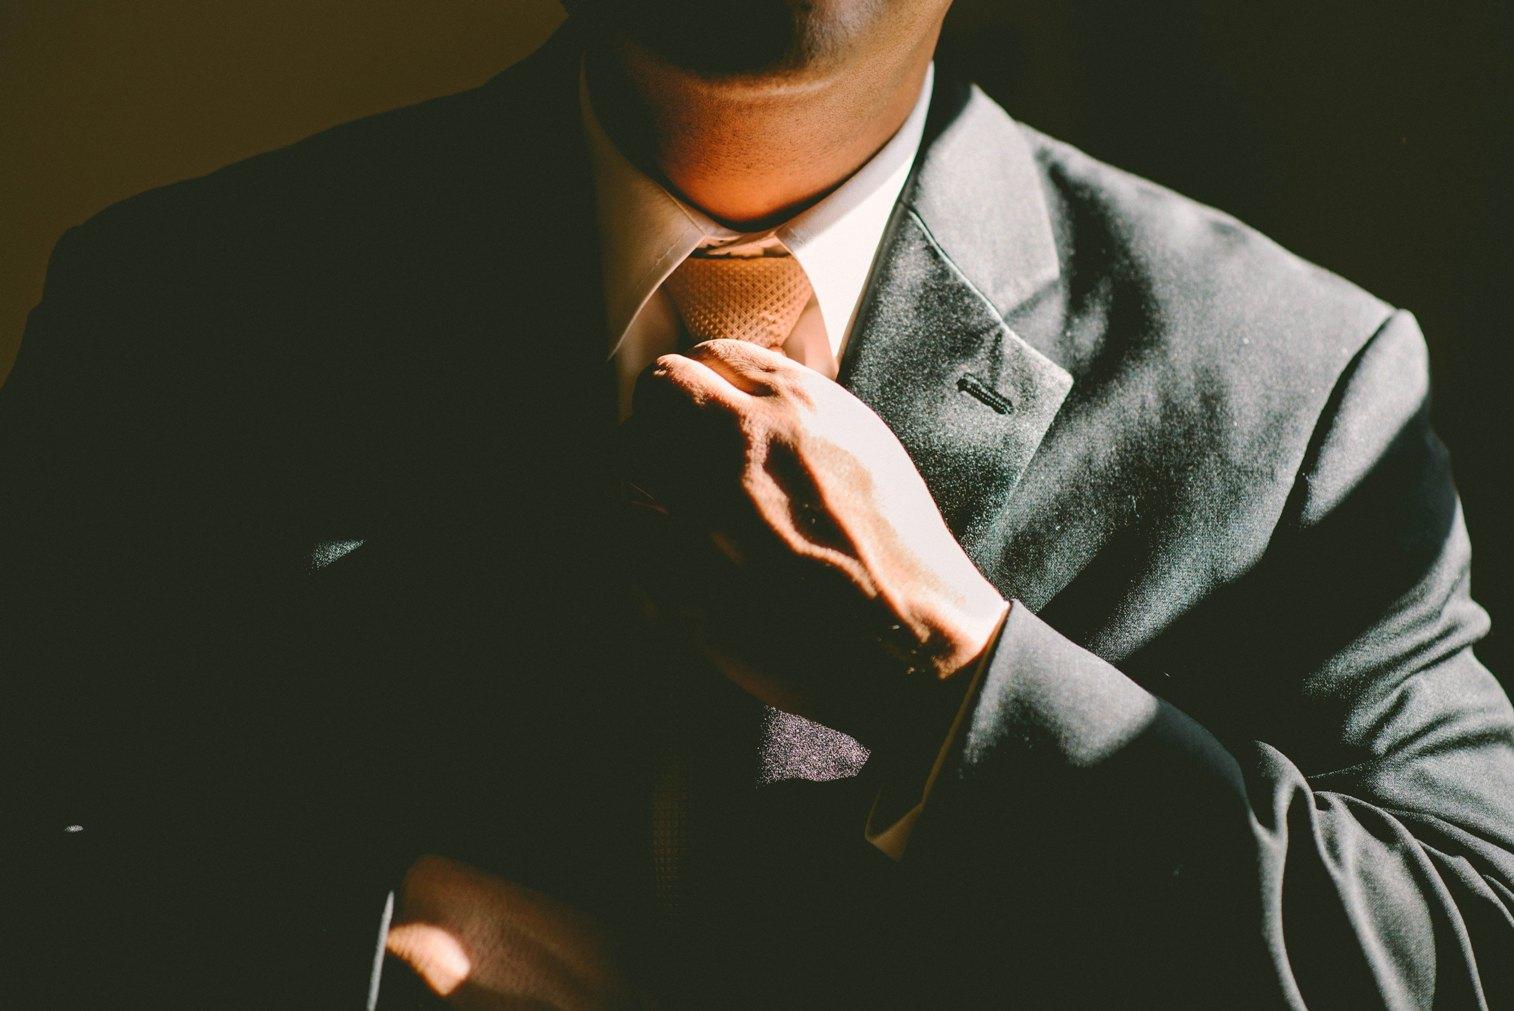 Trabajo en Banca en Asturias ¿es posible? explicamos las claves para encontrar empleo en el sector financiero en Asturias. Difícil, pero posible.